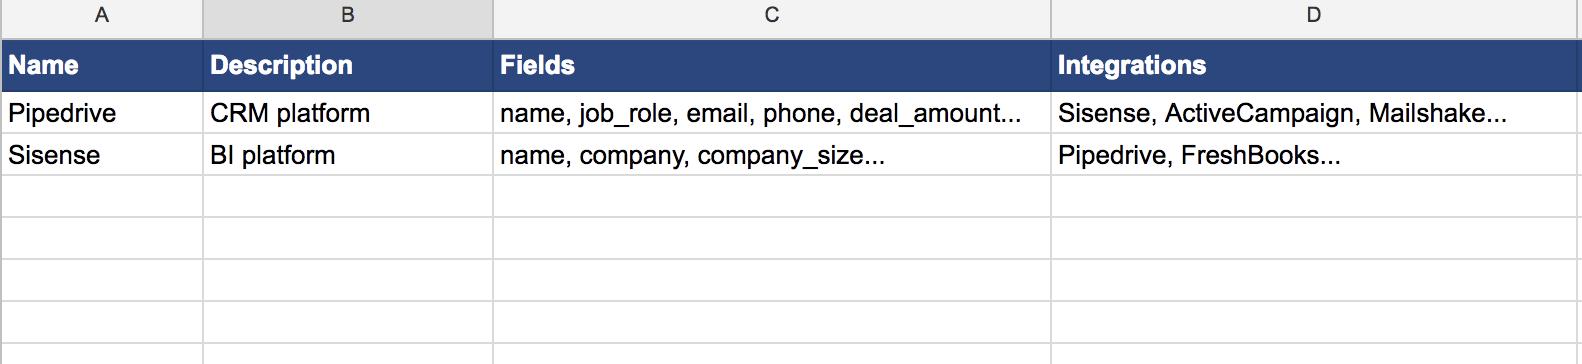 Data Checklist